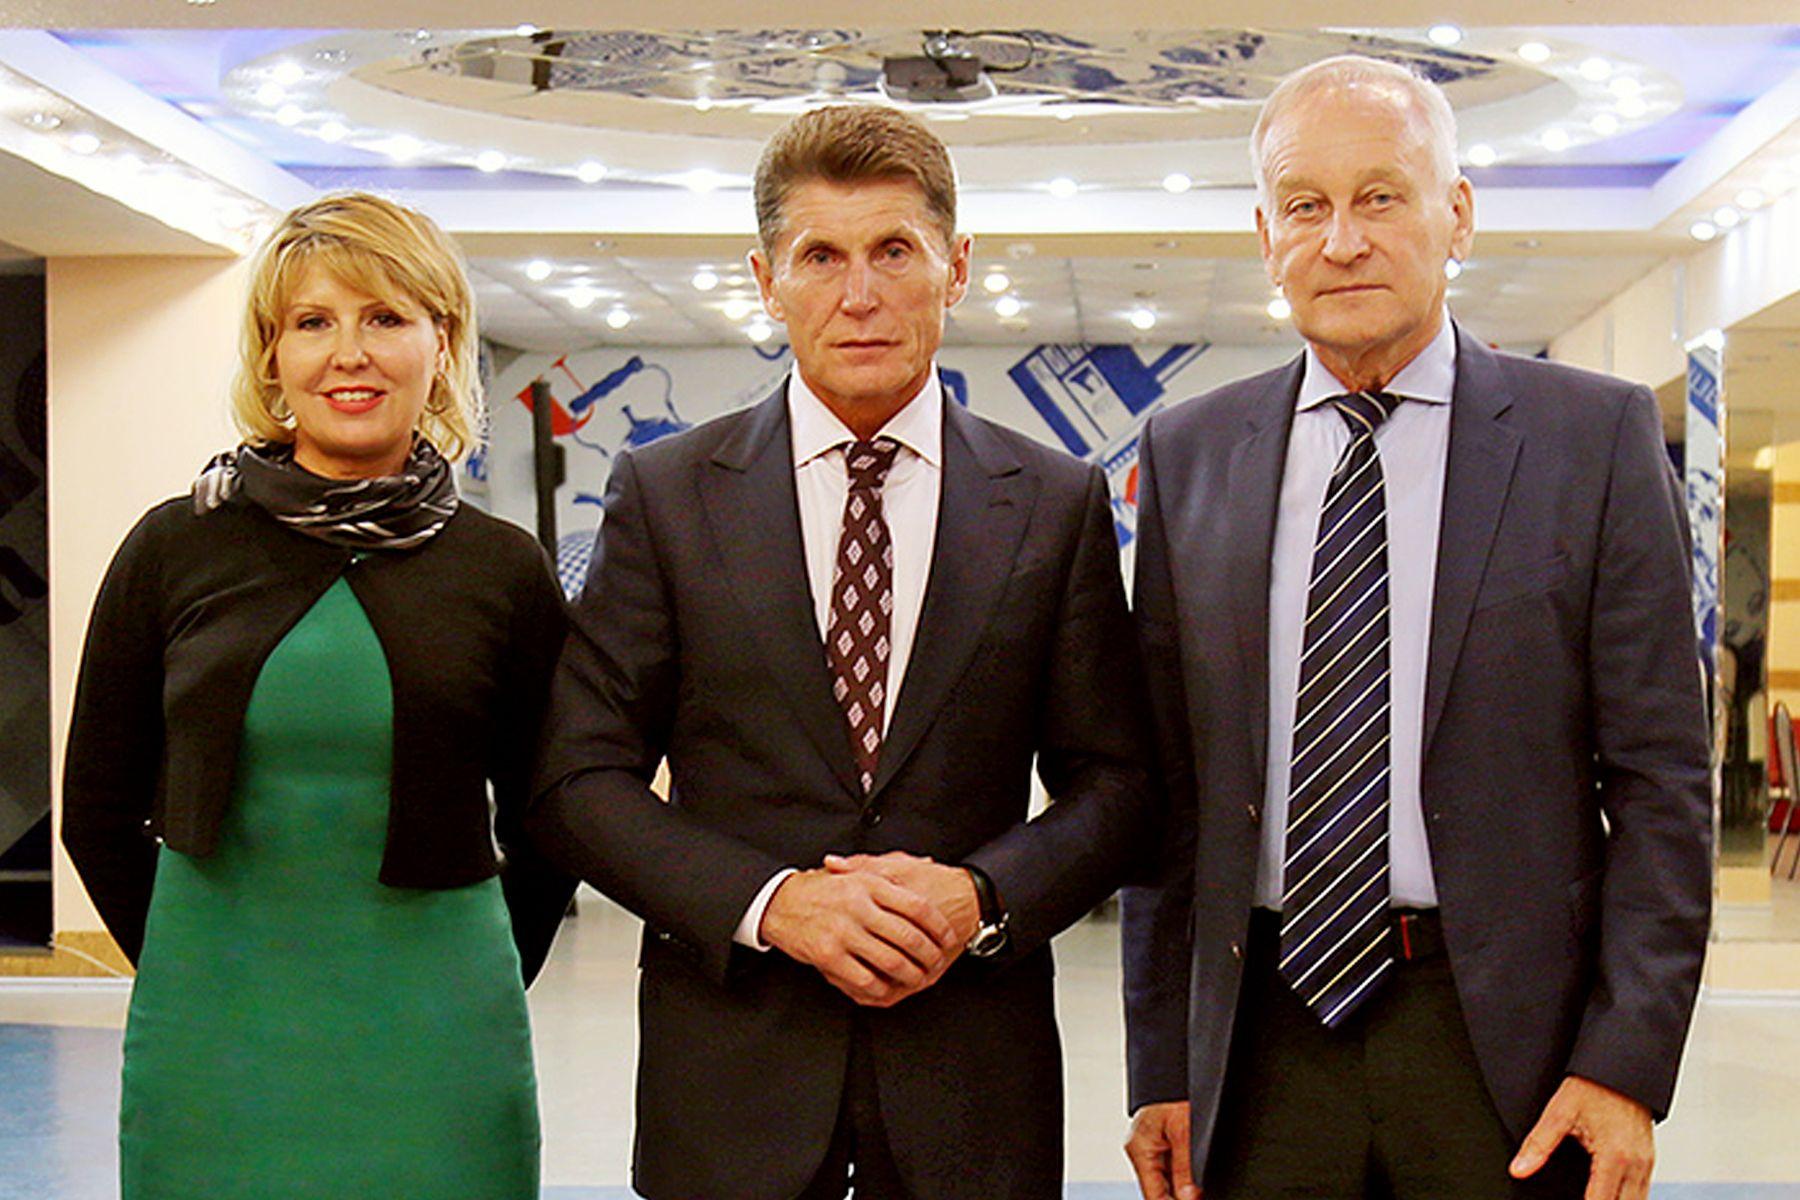 Губернатор Олег Кожемяко поздравил ректора ВГУЭС Татьяну Терентьеву с Днем российской науки